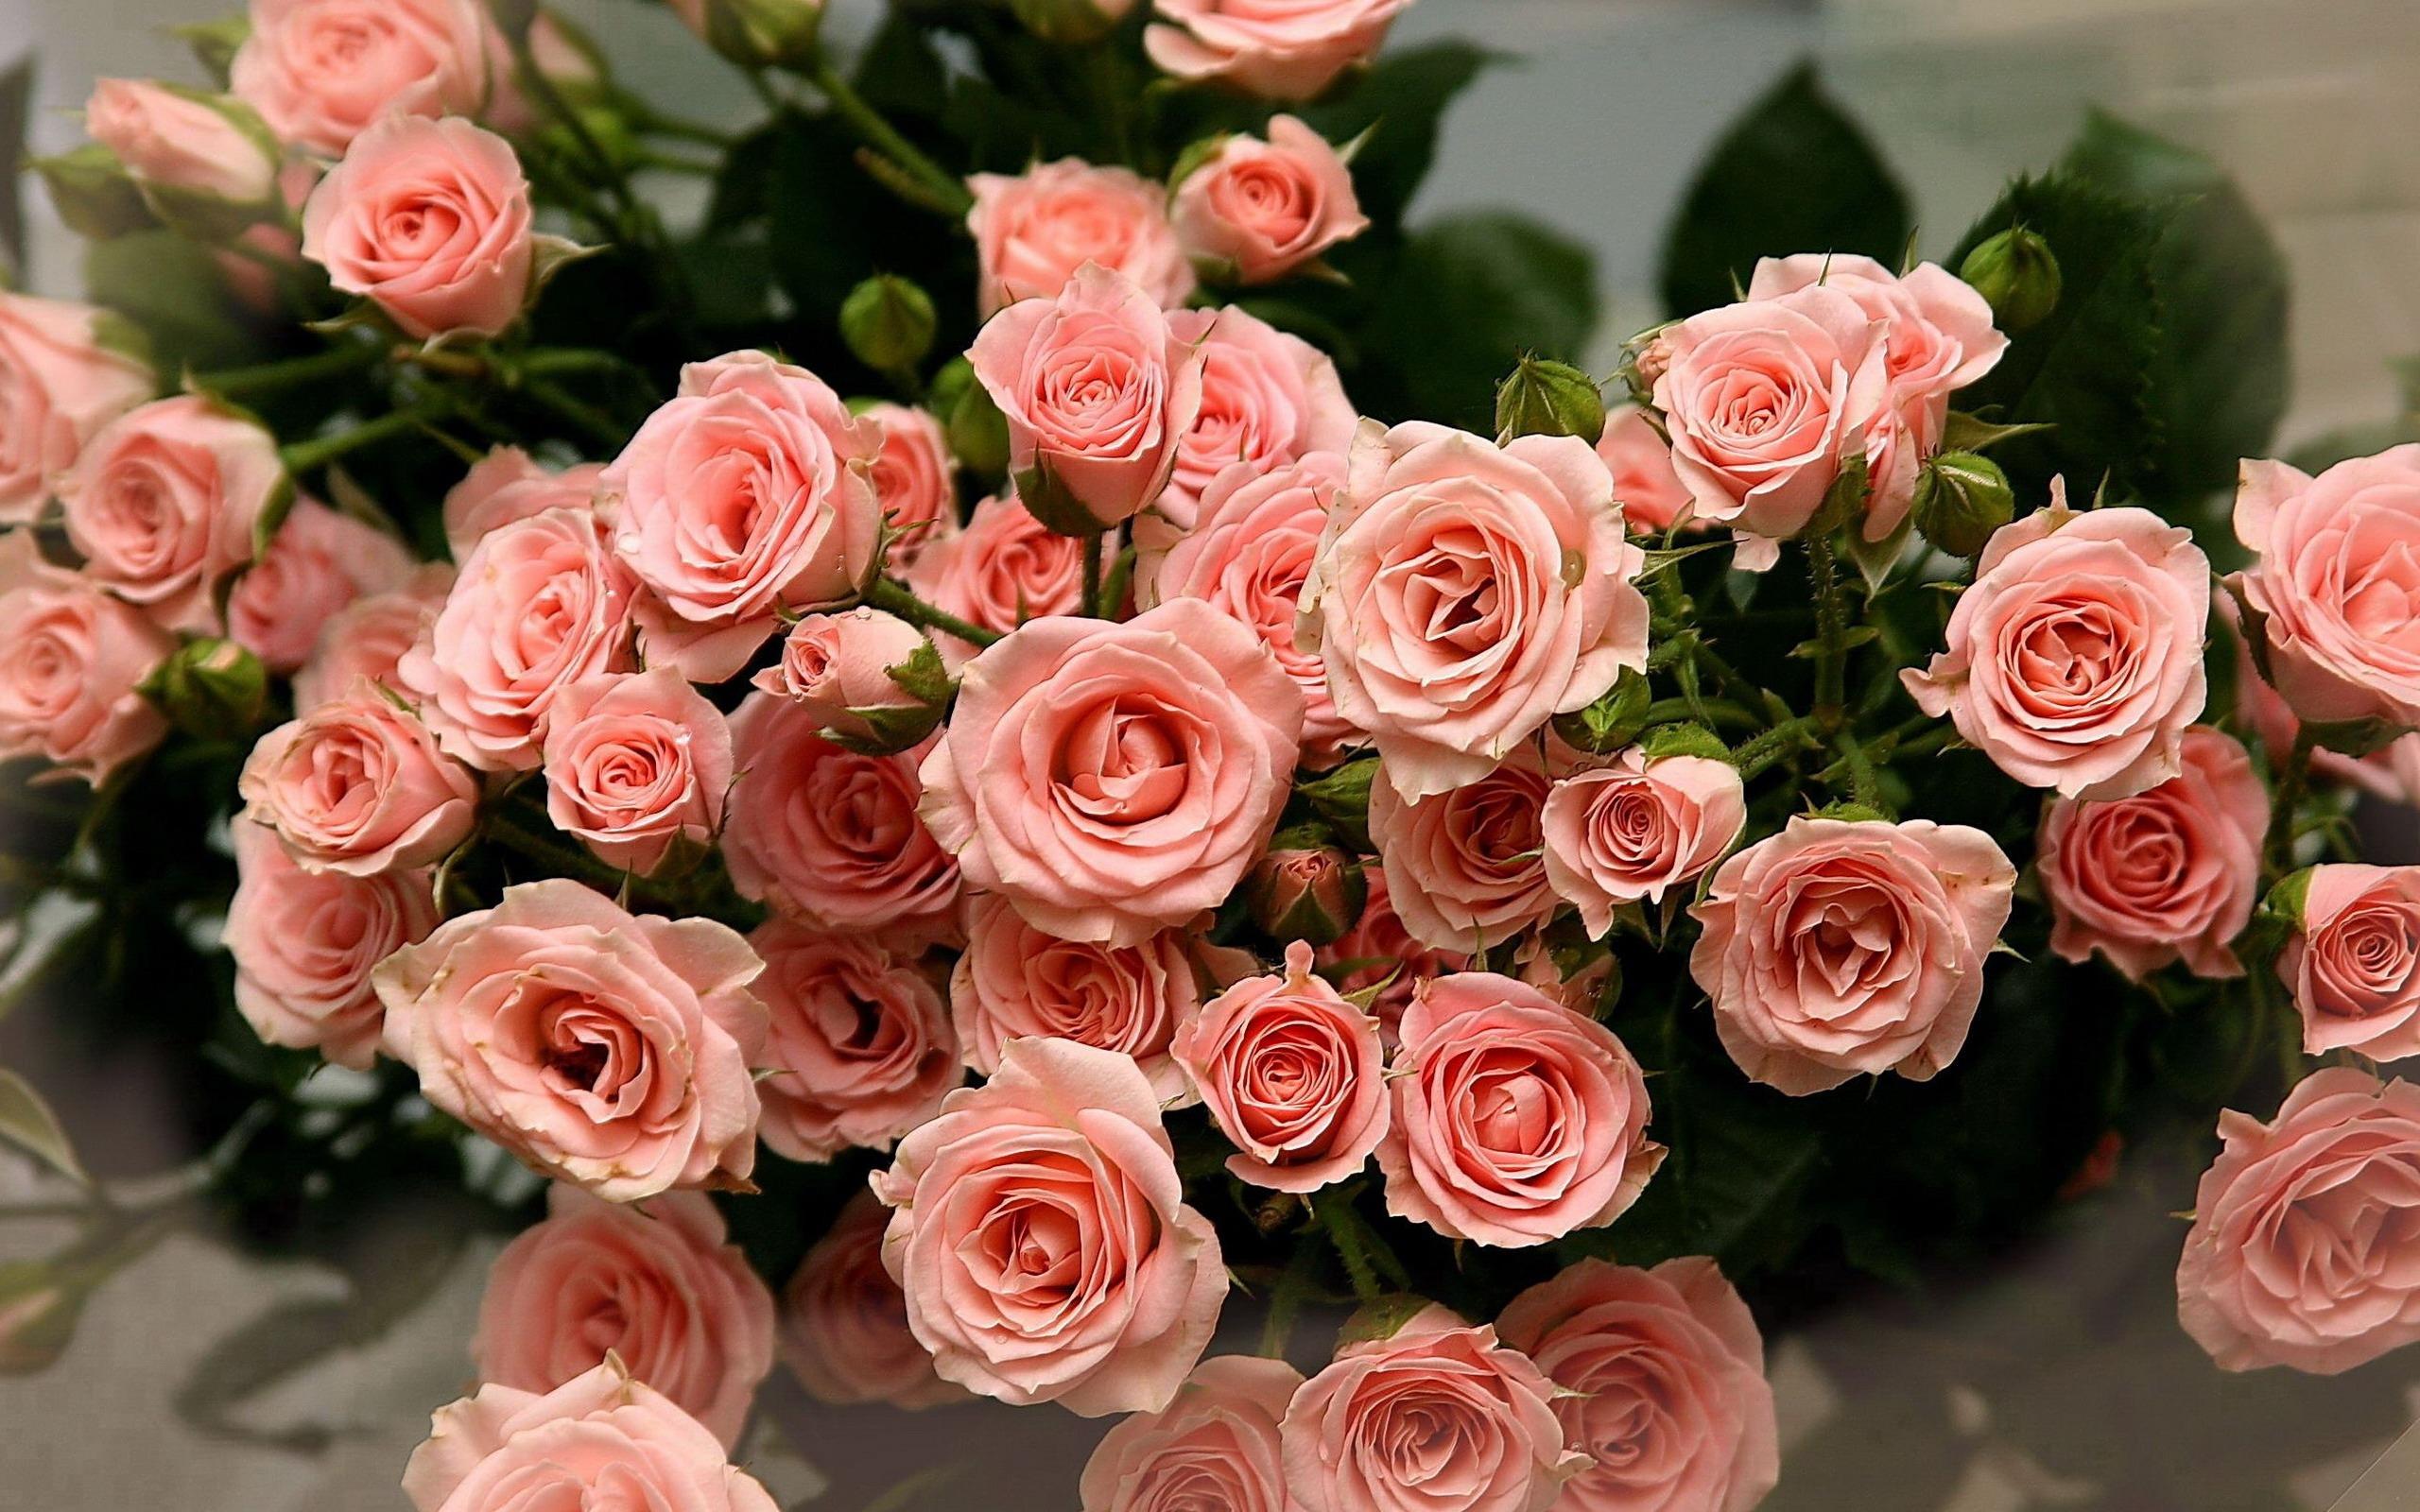 Цветы розы обои для рабочего стола